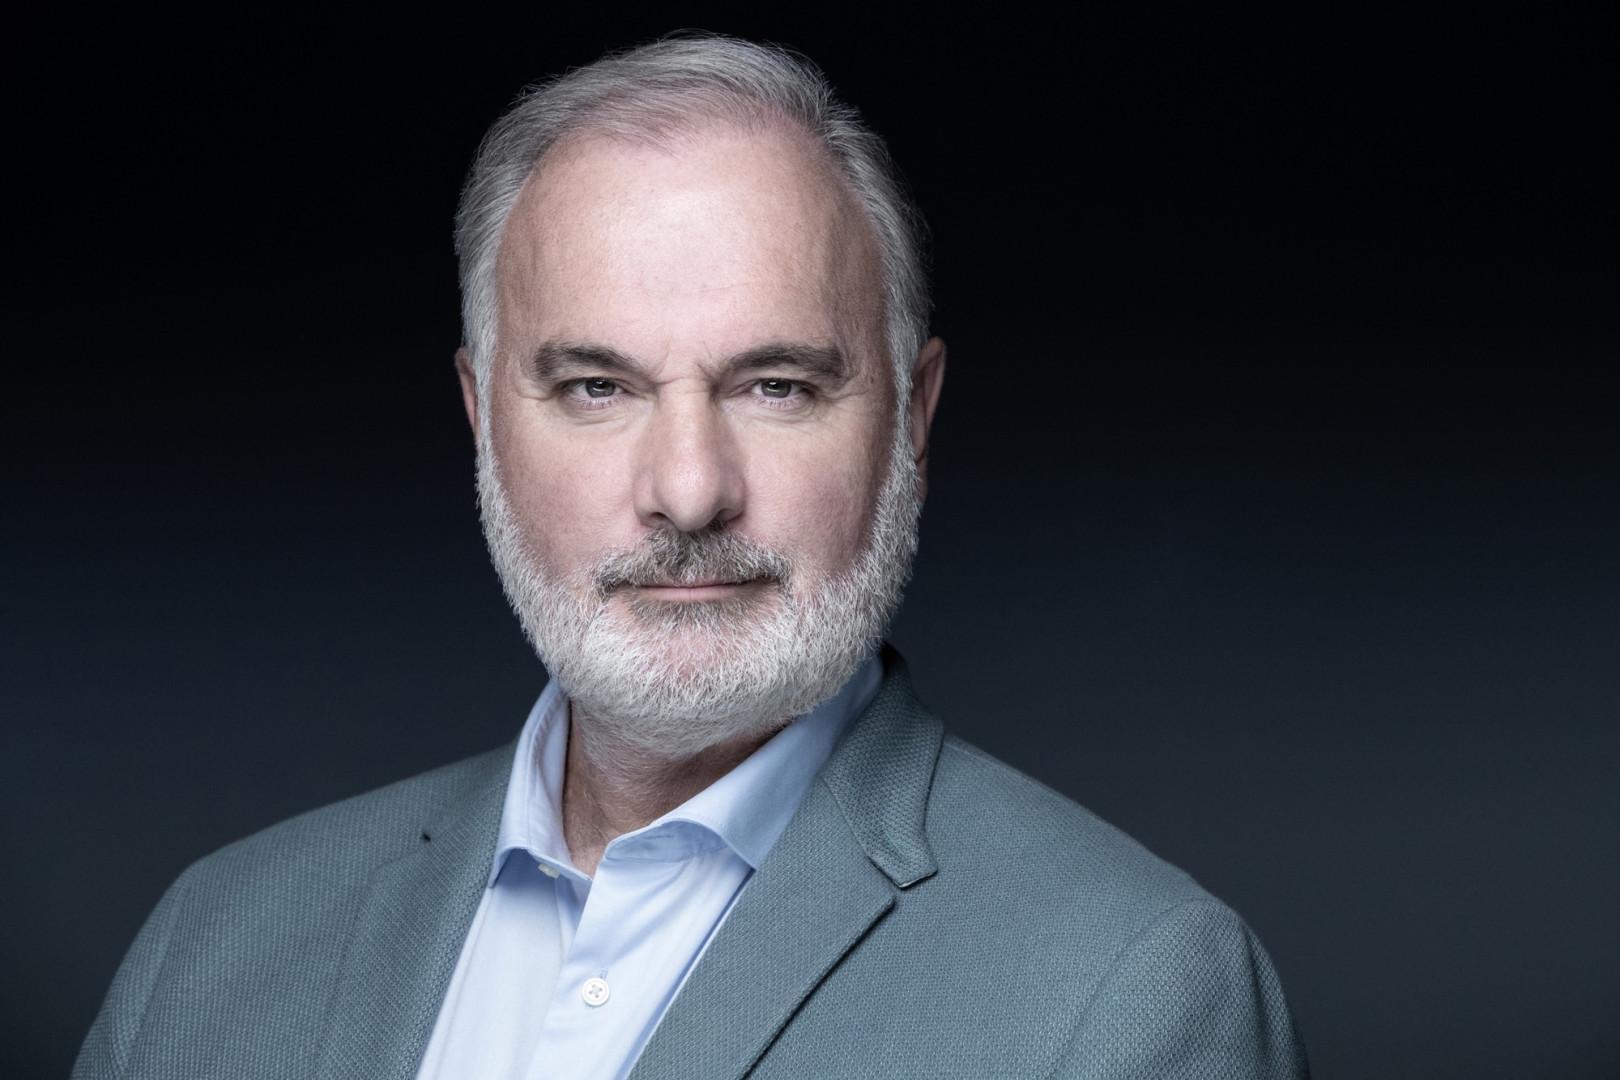 Jean-Marc Governatori est lui aussi candidat à cette primaire des Verts